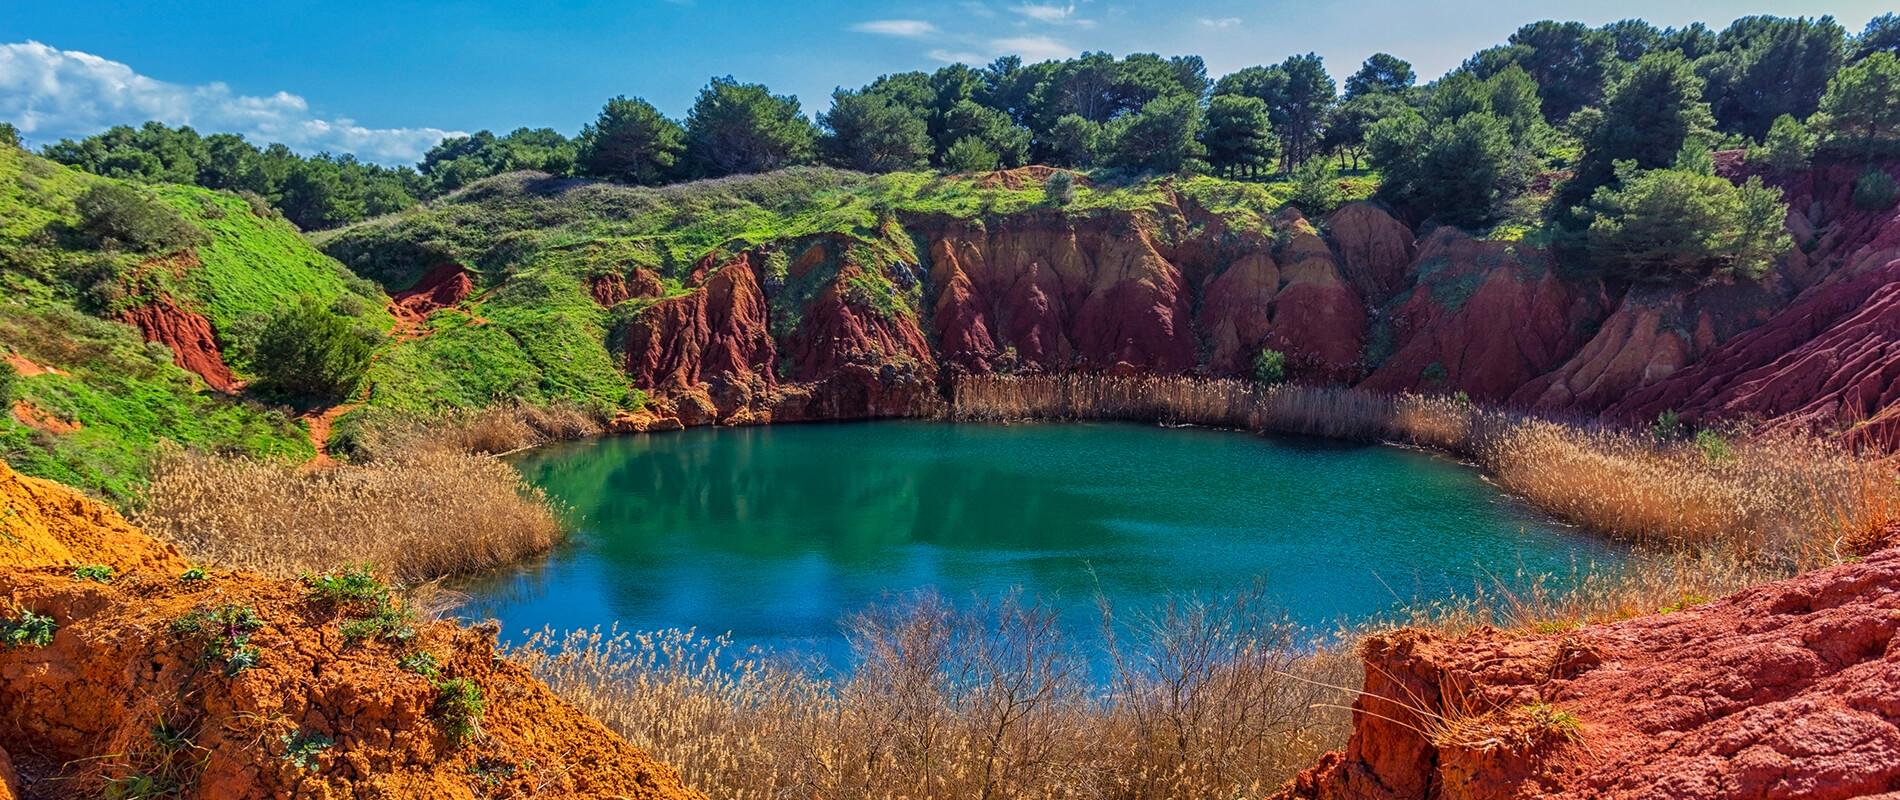 La Cava di Bauxite di Otranto, piccola meraviglia del Salento